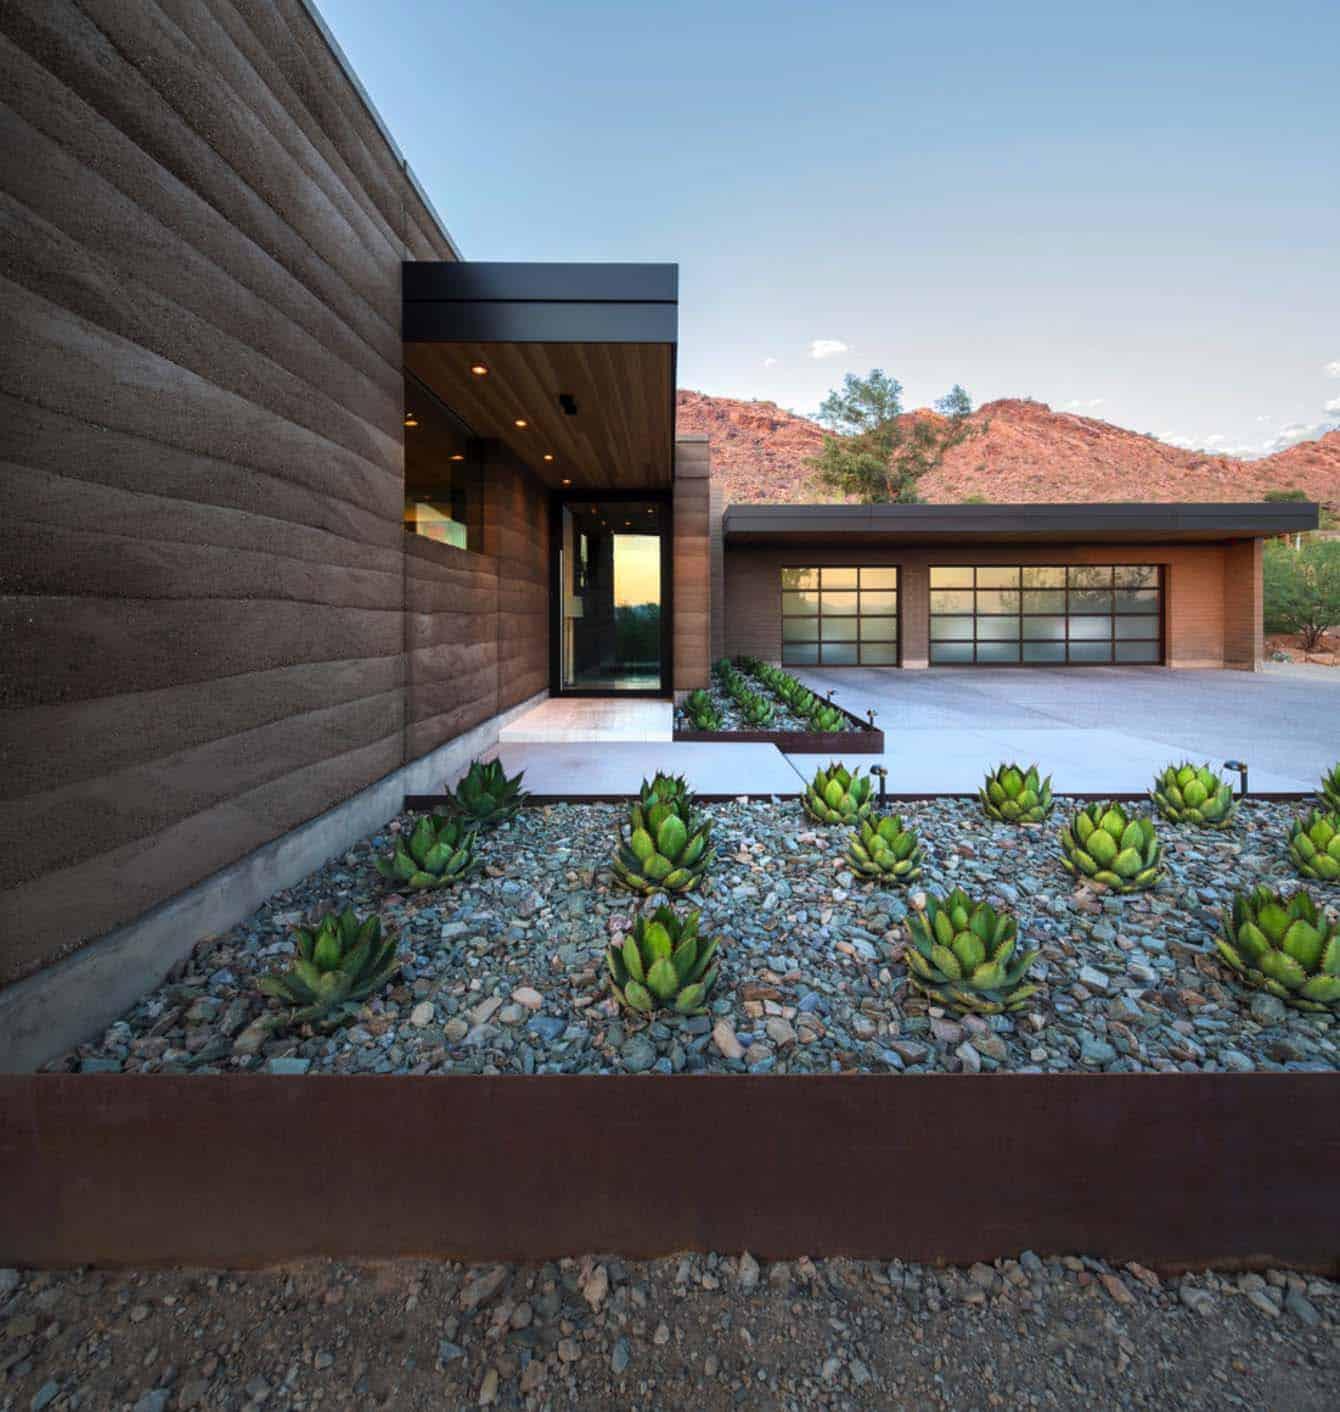 Modern Rammed Earth Home-Kendle Design-01-1 Kindesign